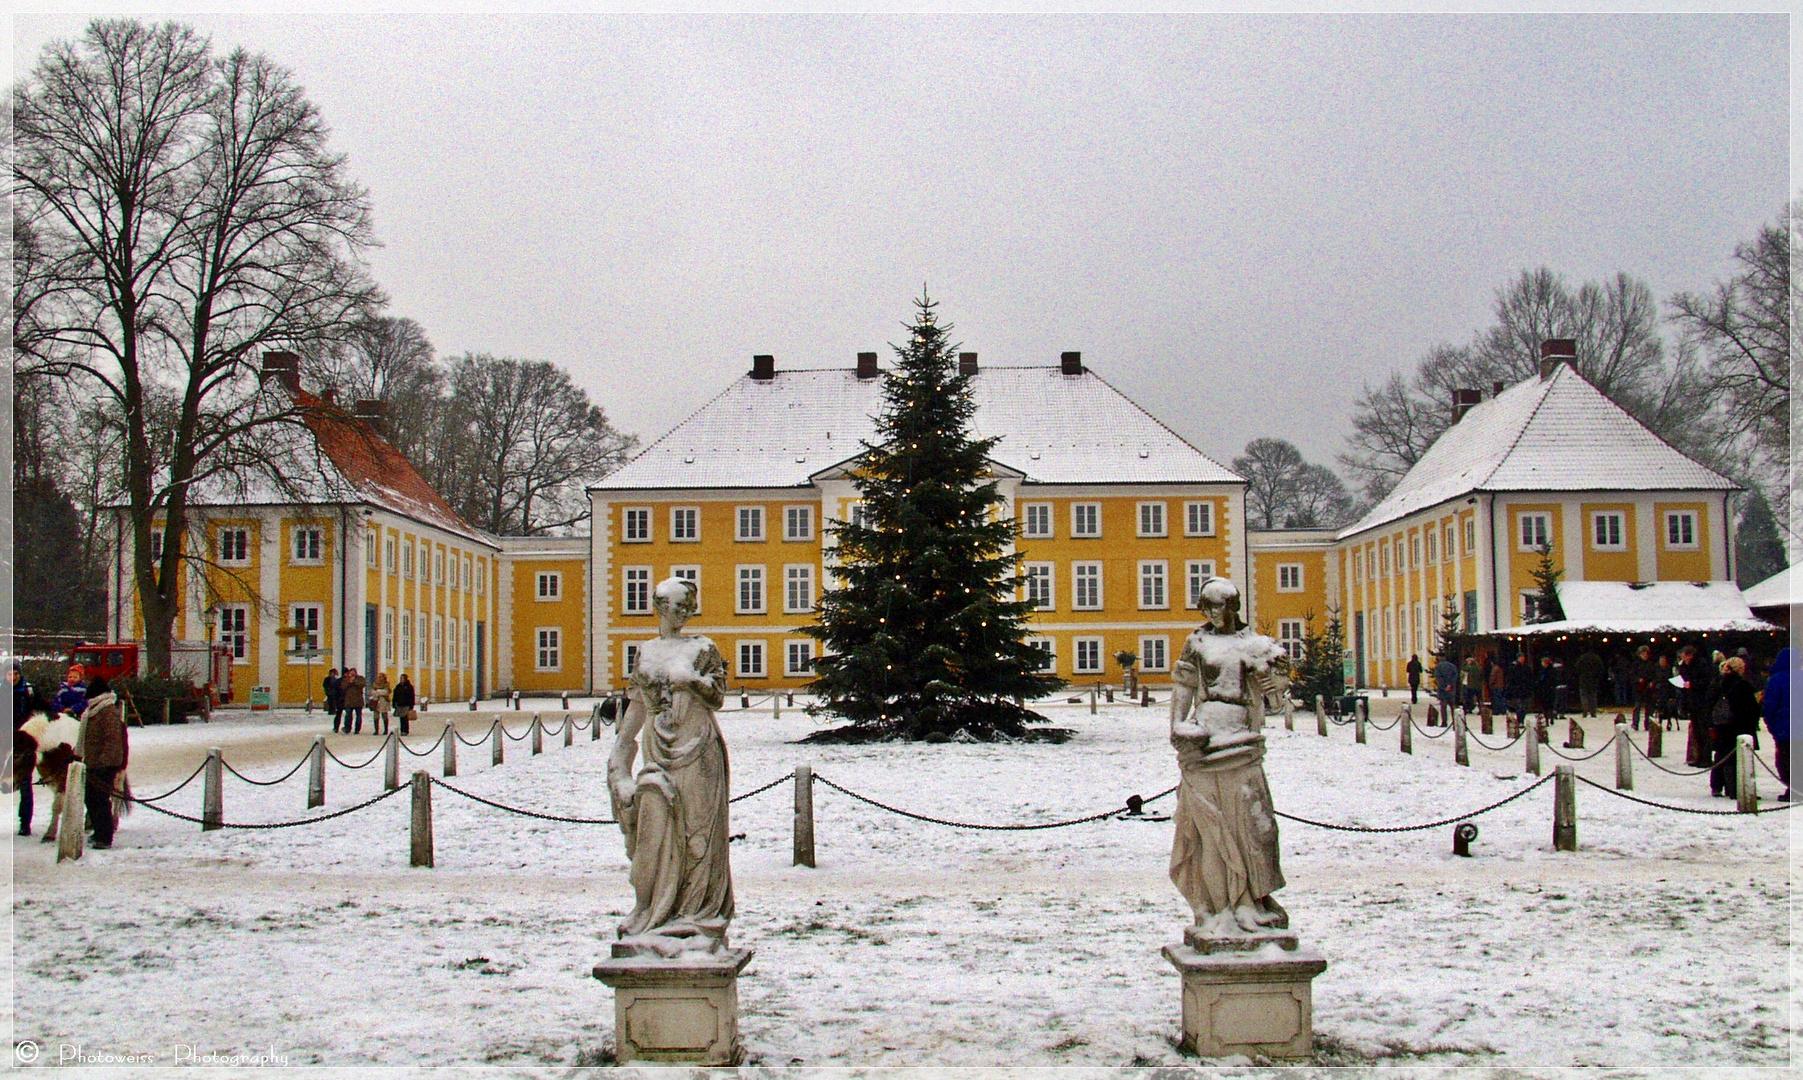 weihnachtsmarkt auf schloss guldenburg foto bild deutschland europe schleswig holstein. Black Bedroom Furniture Sets. Home Design Ideas